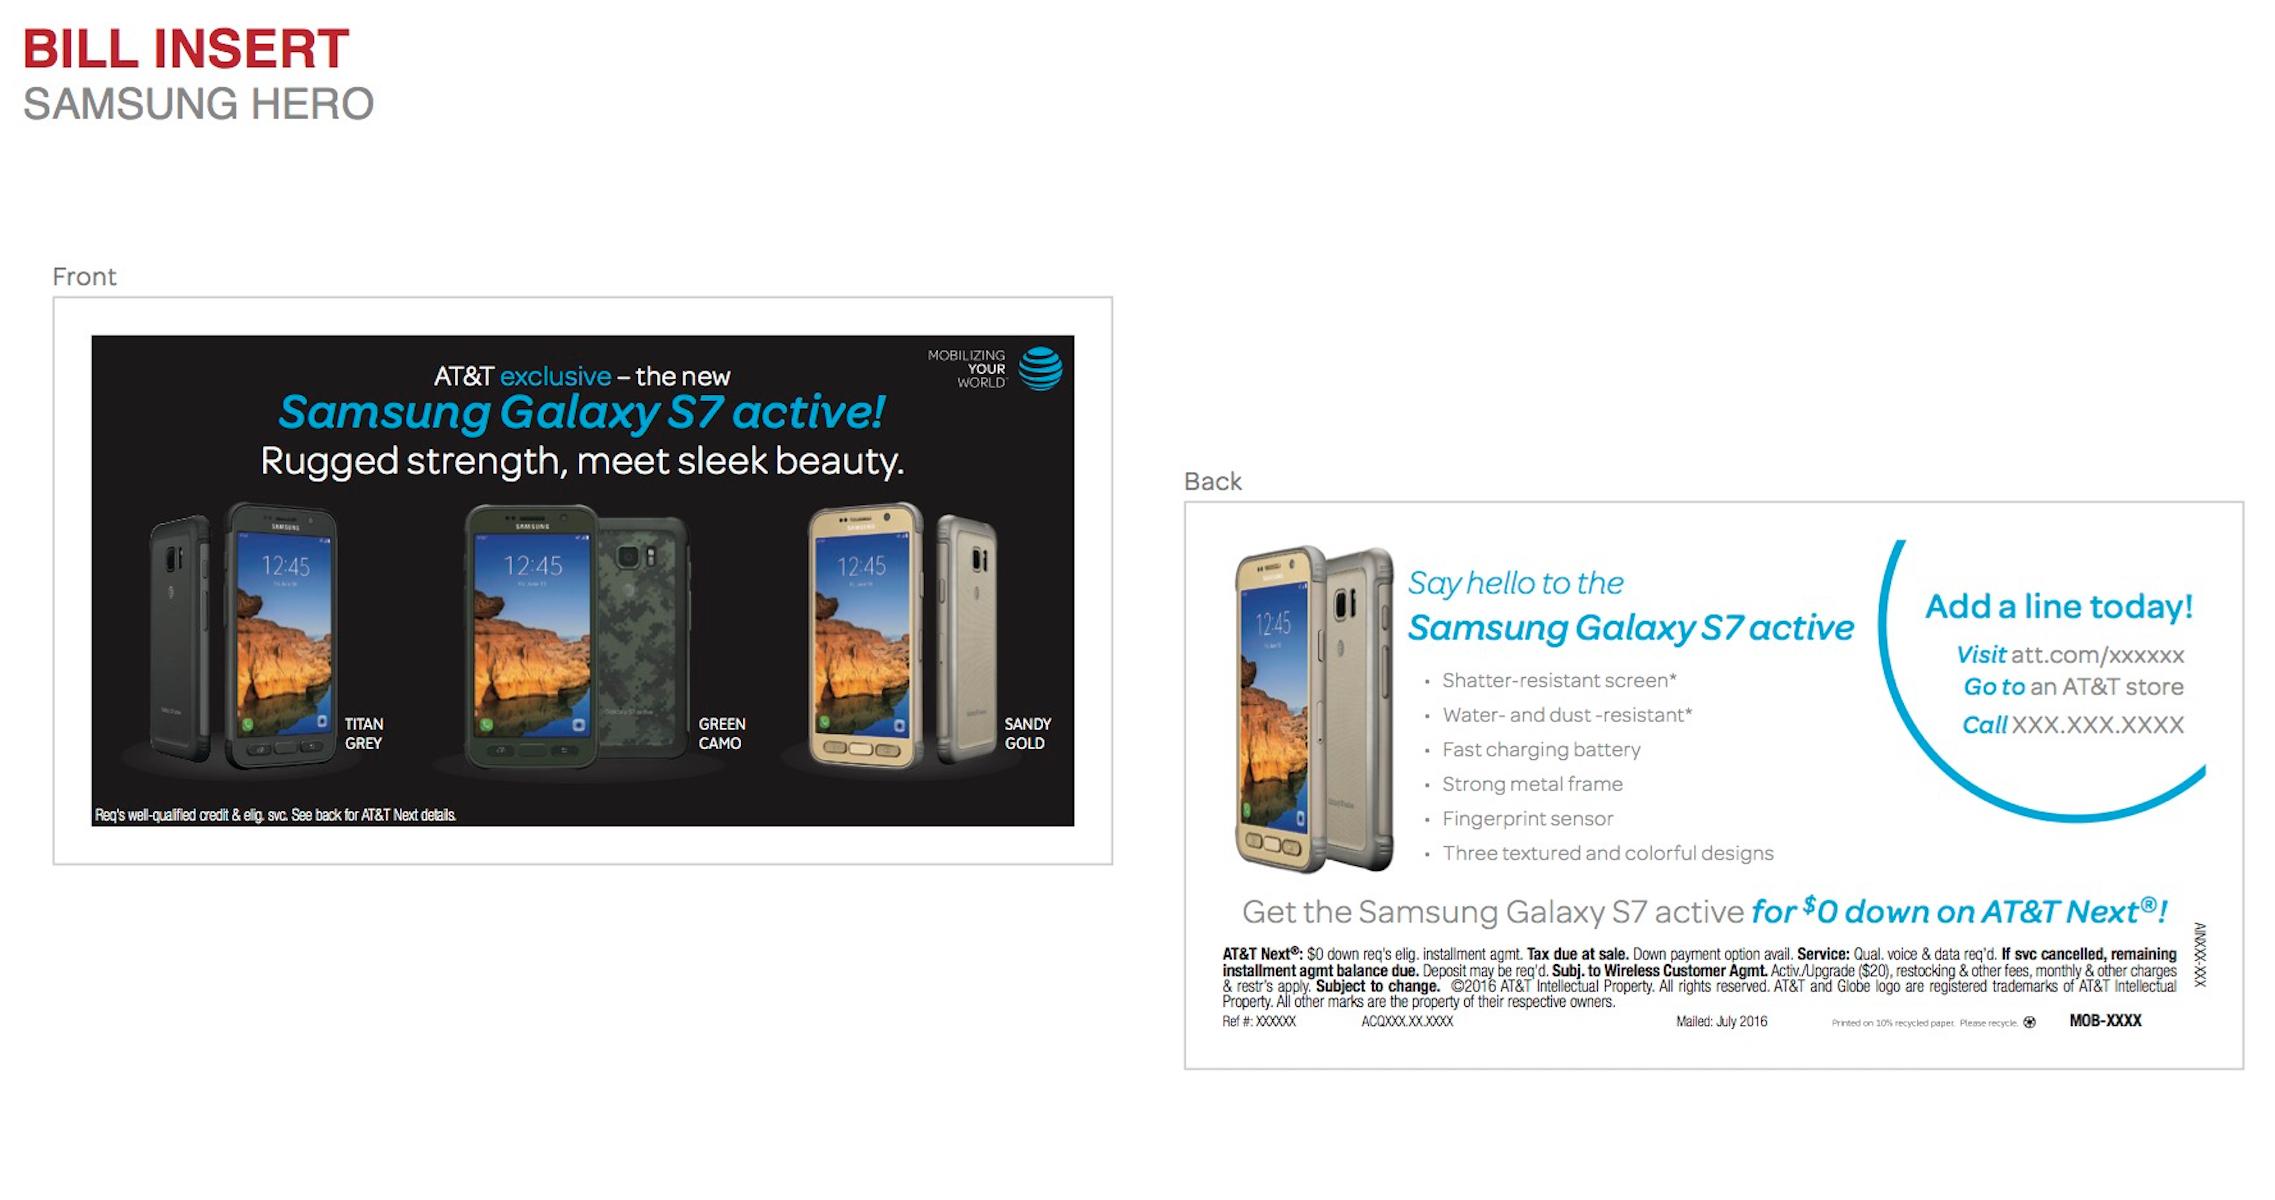 Samsung Bill Insert 1 2.jpg